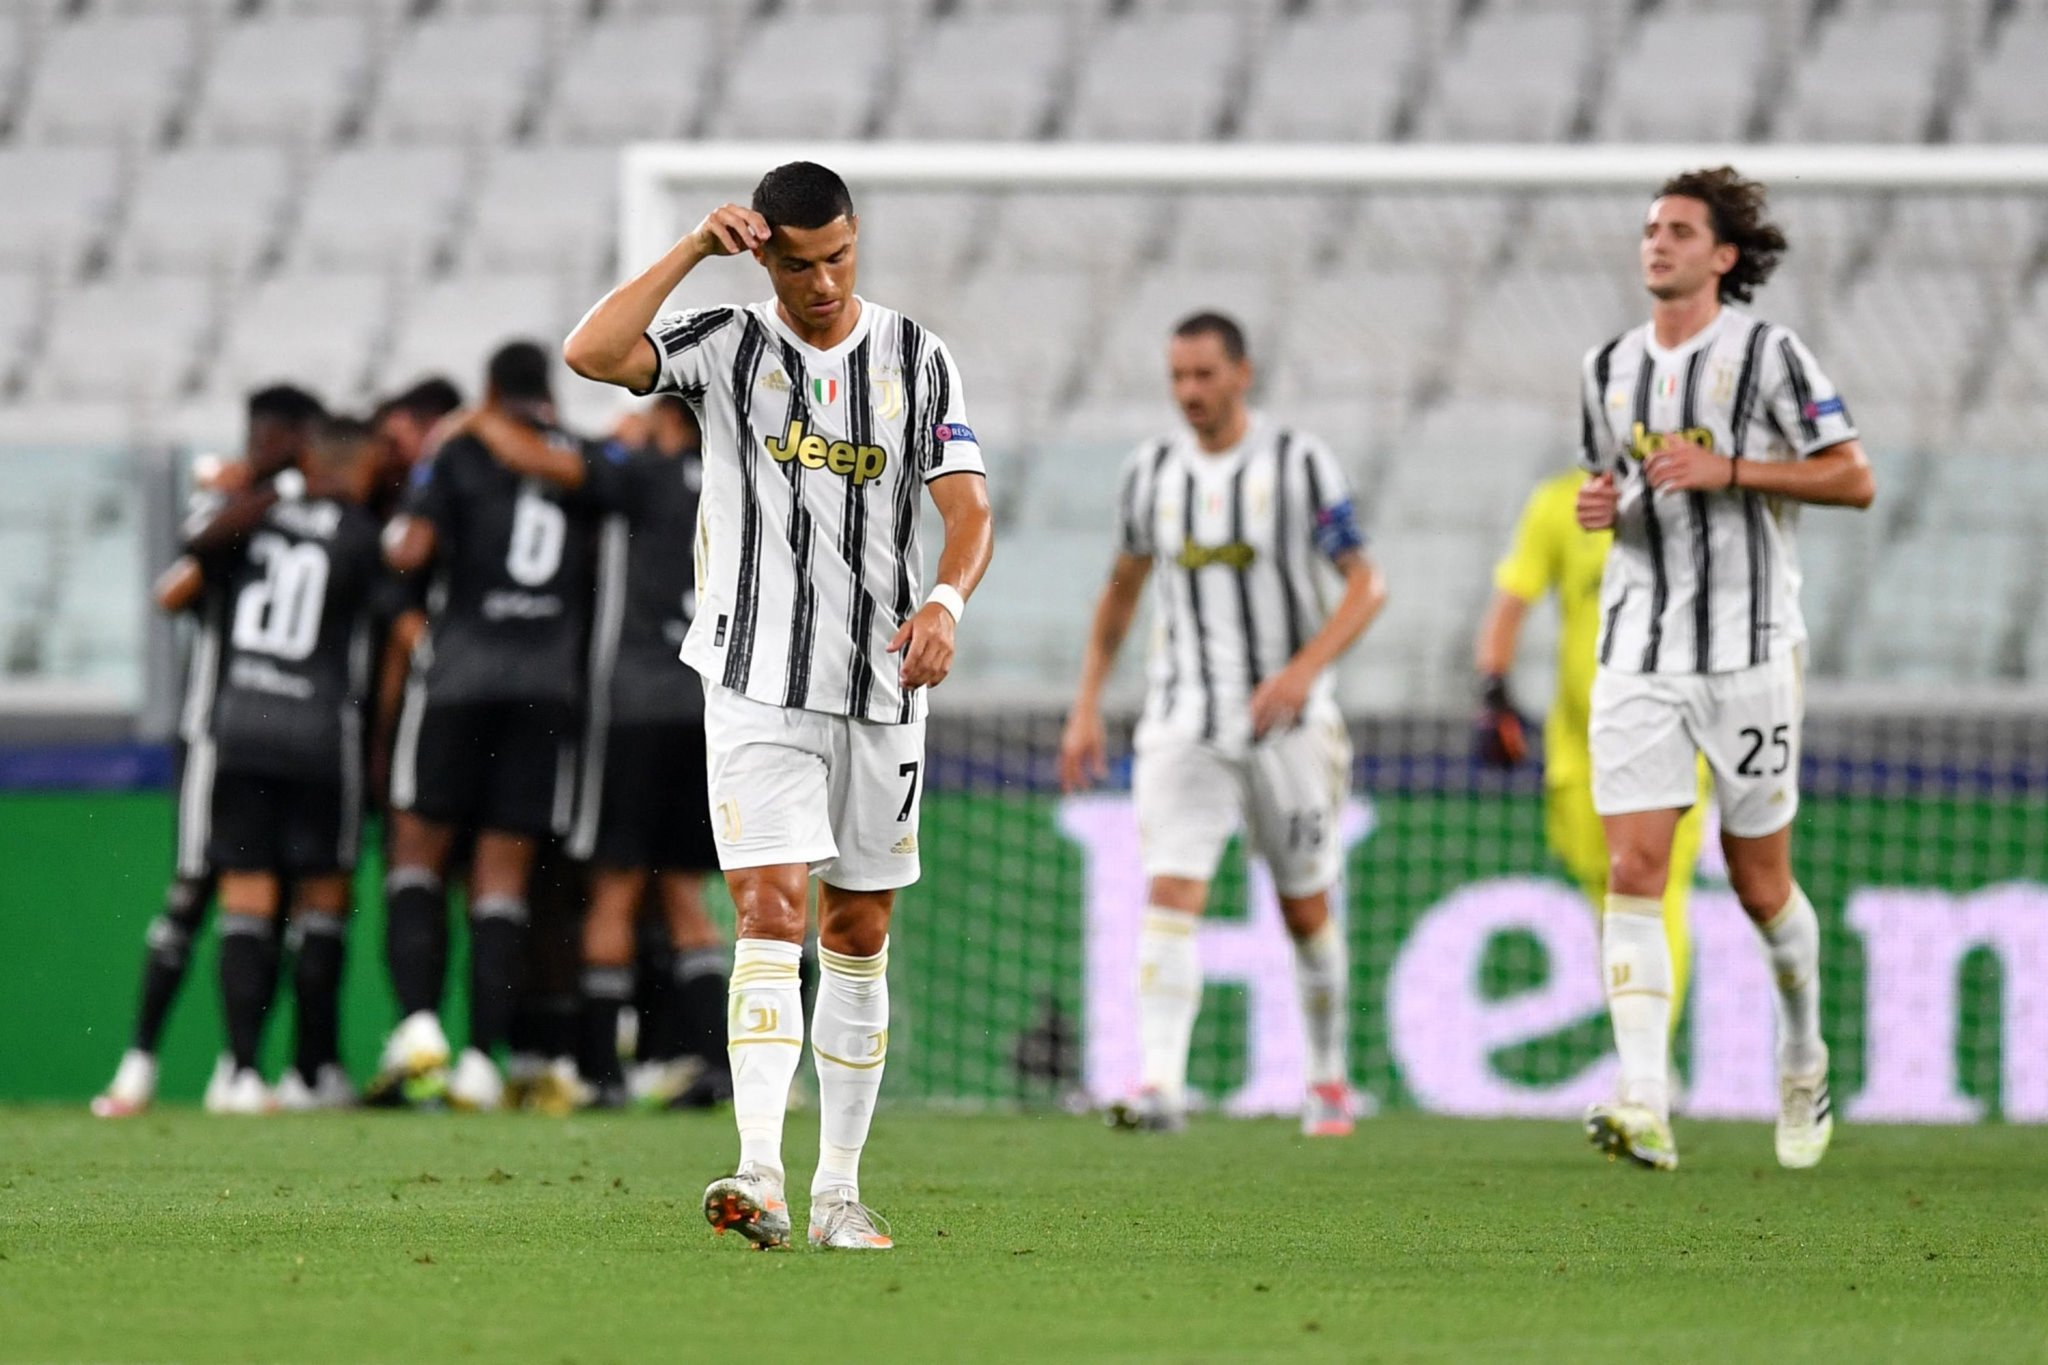 Bomba: un grande europeo apura para quedarse Cristiano Ronaldo